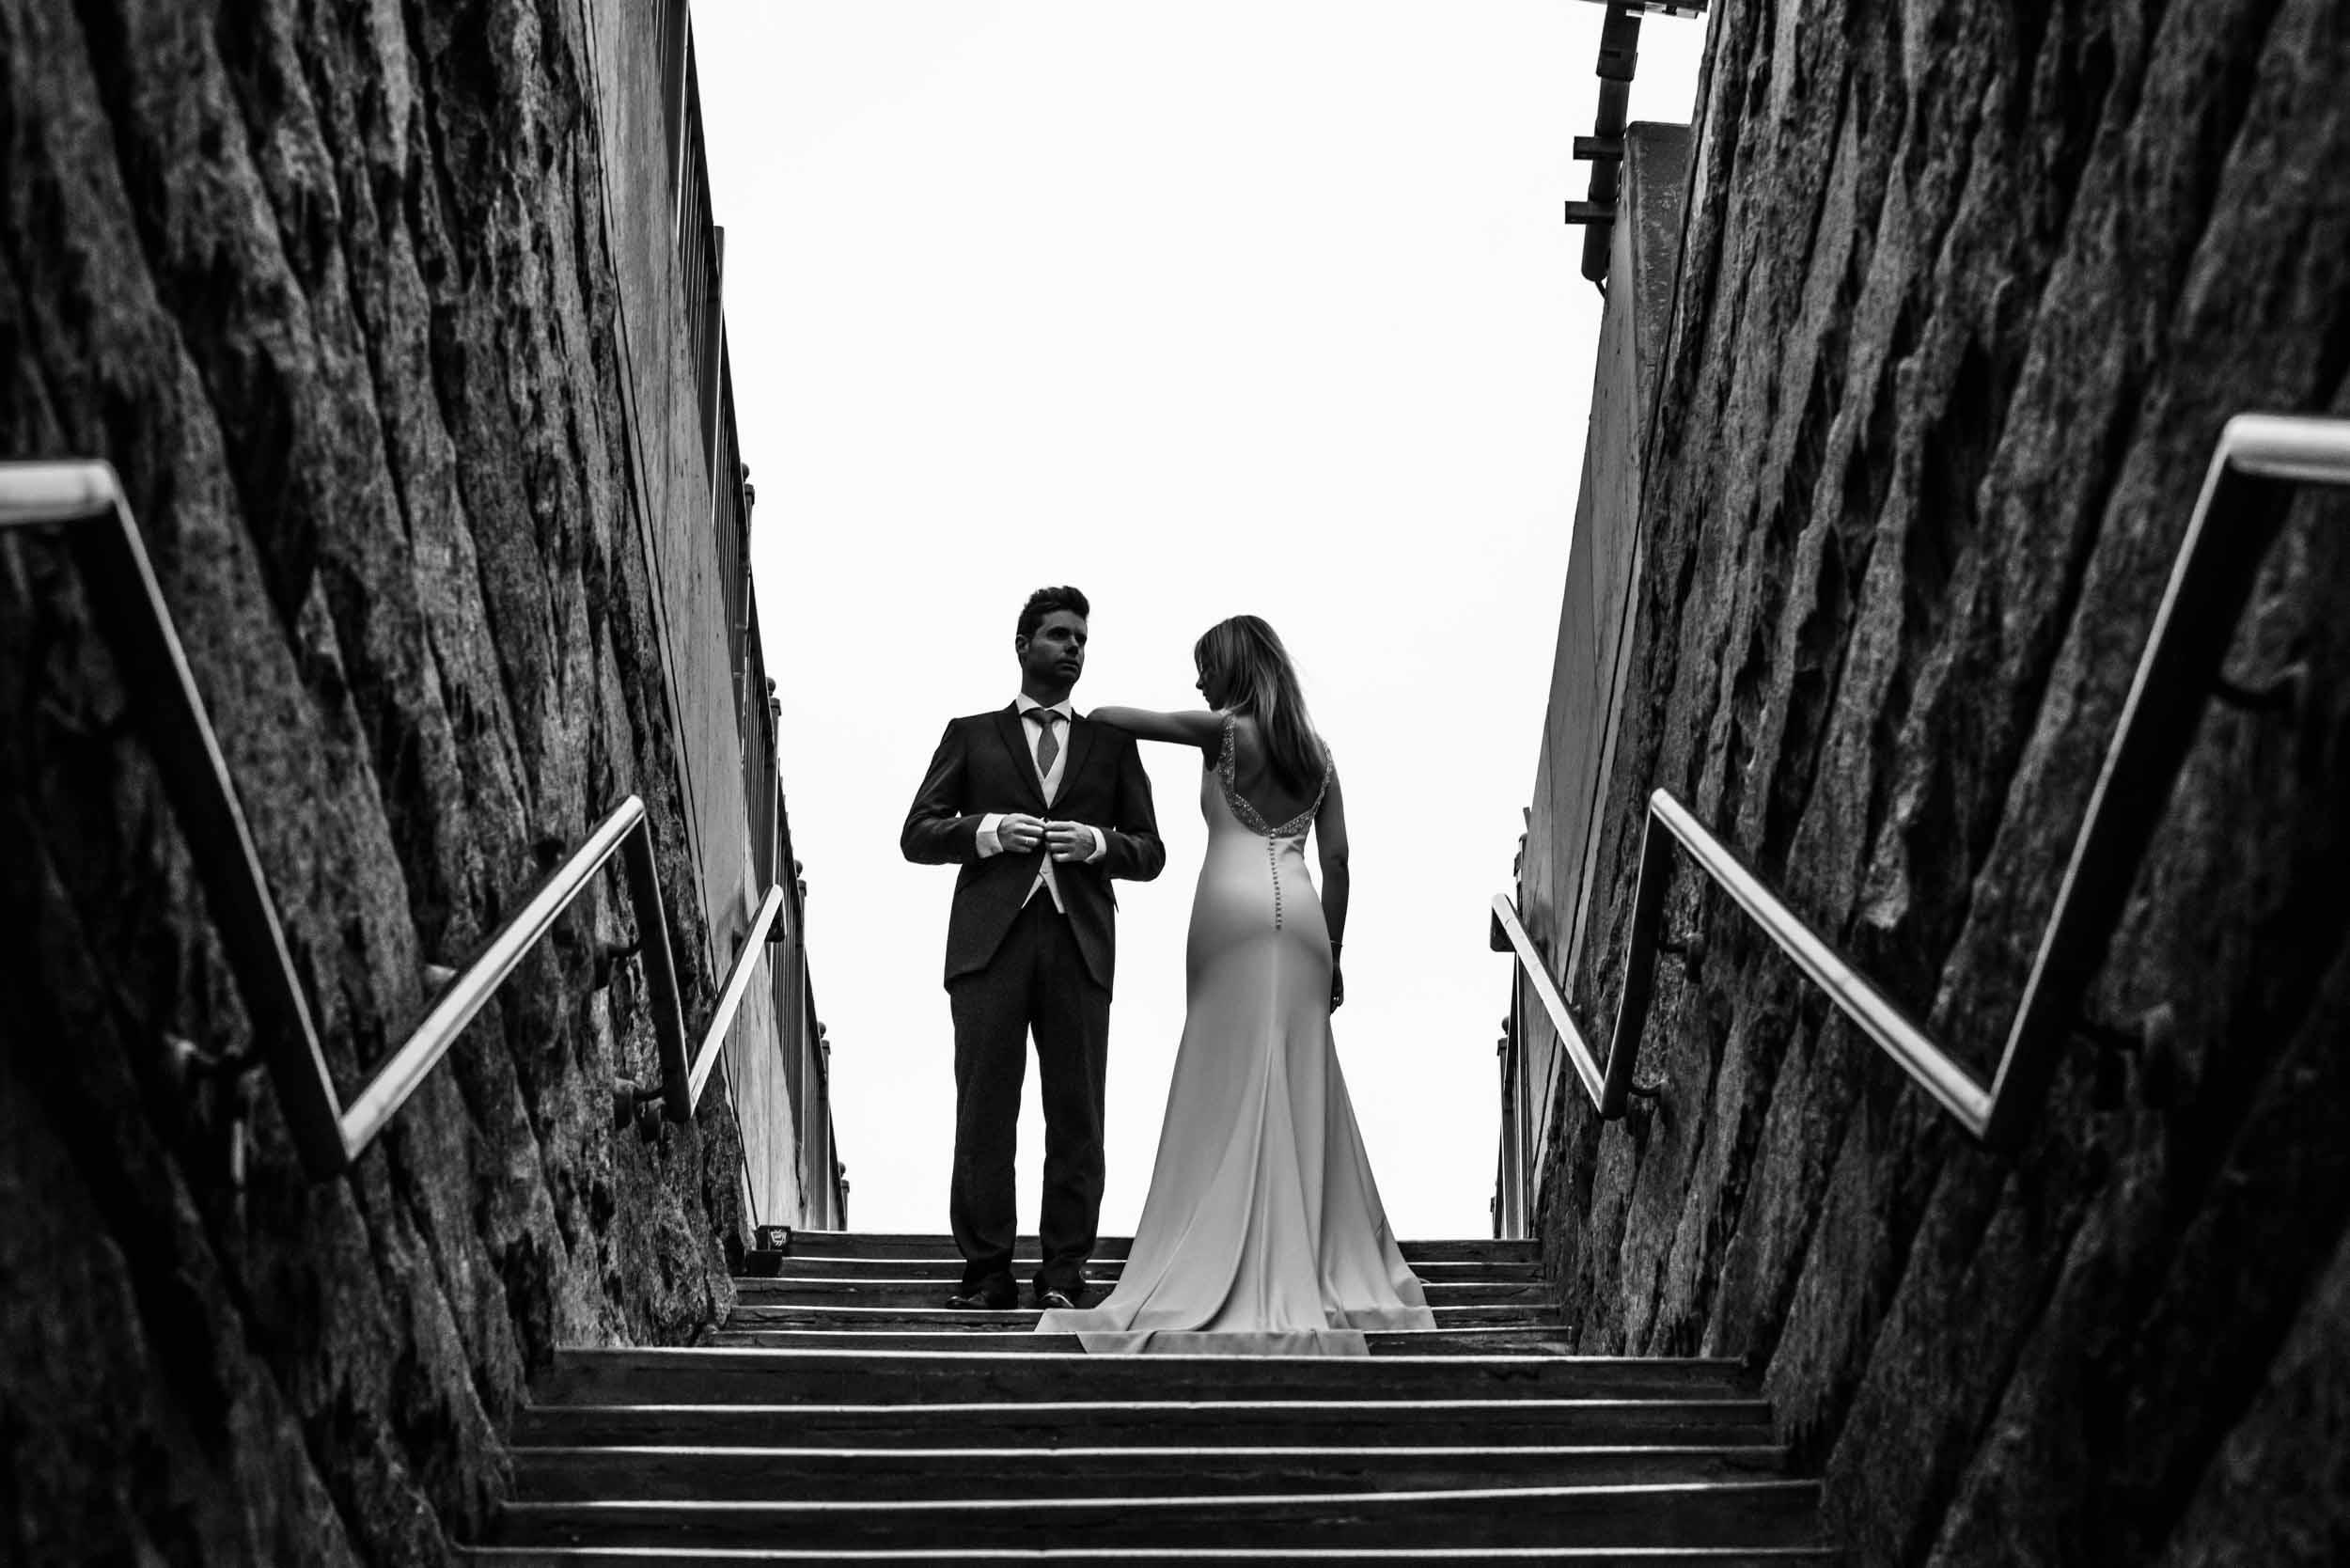 Post boda en Nueva York. 2018 20